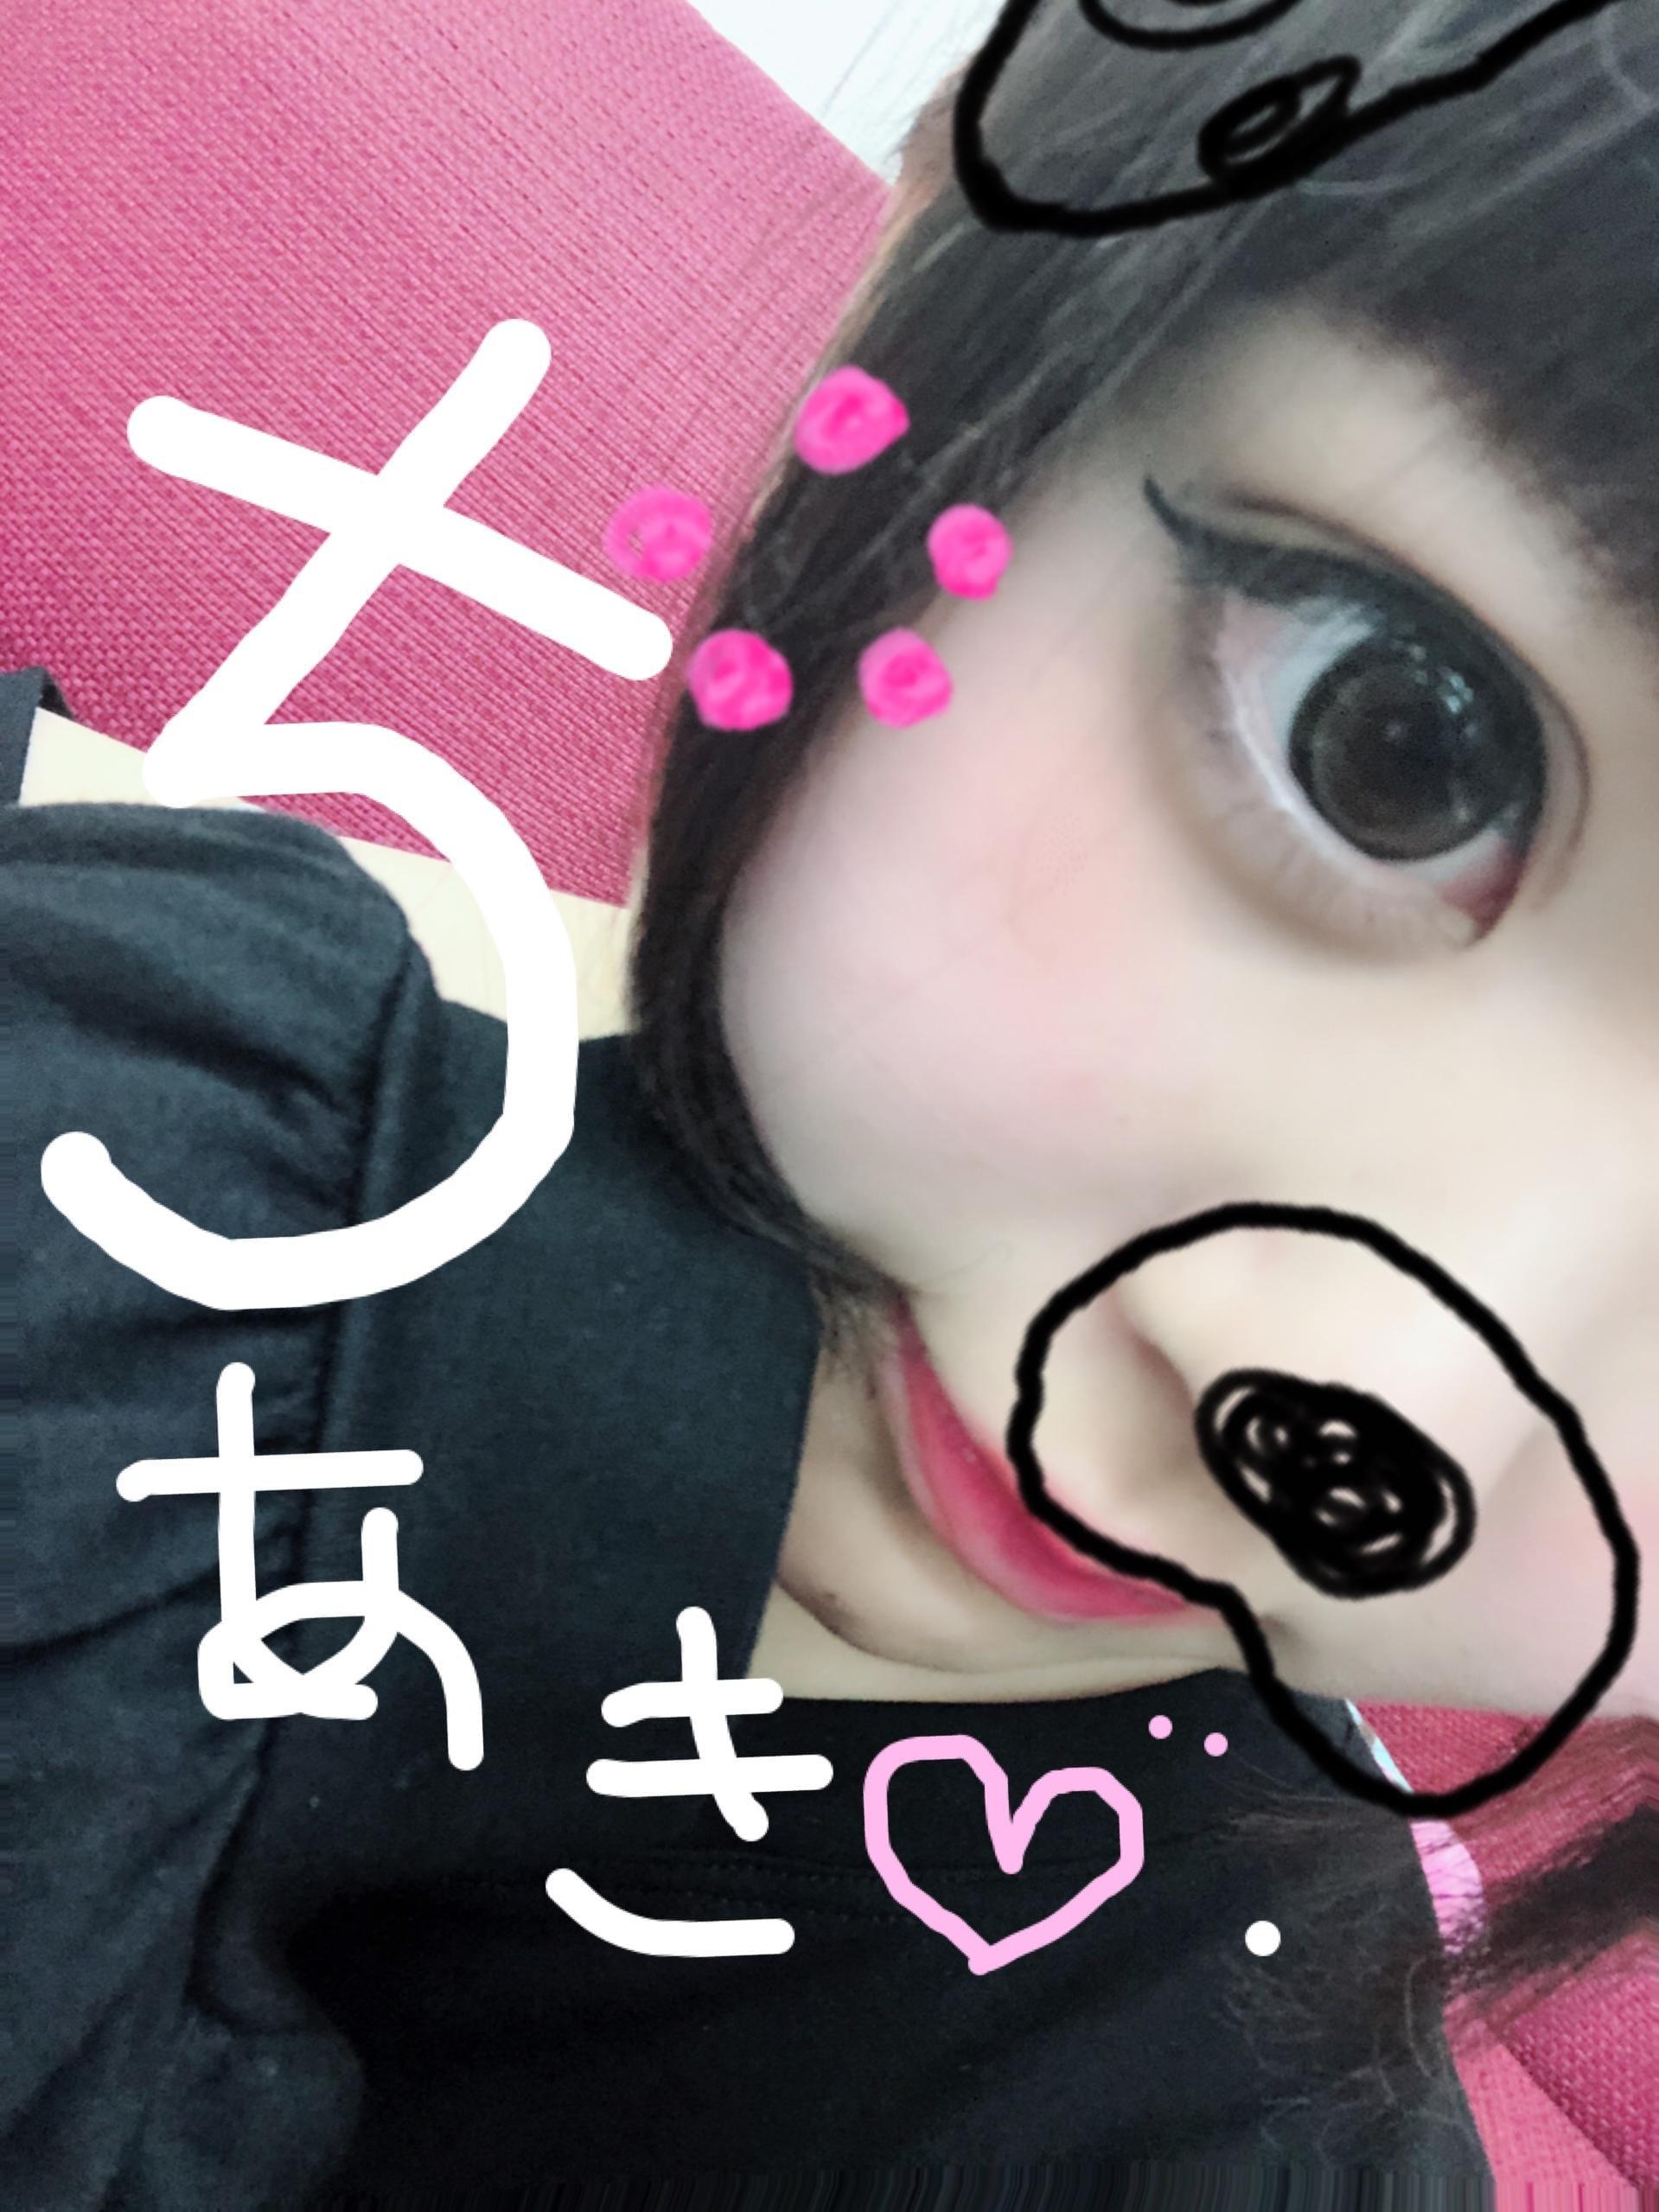 チアキ「♡れでぃのお兄さん」05/23(水) 20:32 | チアキの写メ・風俗動画